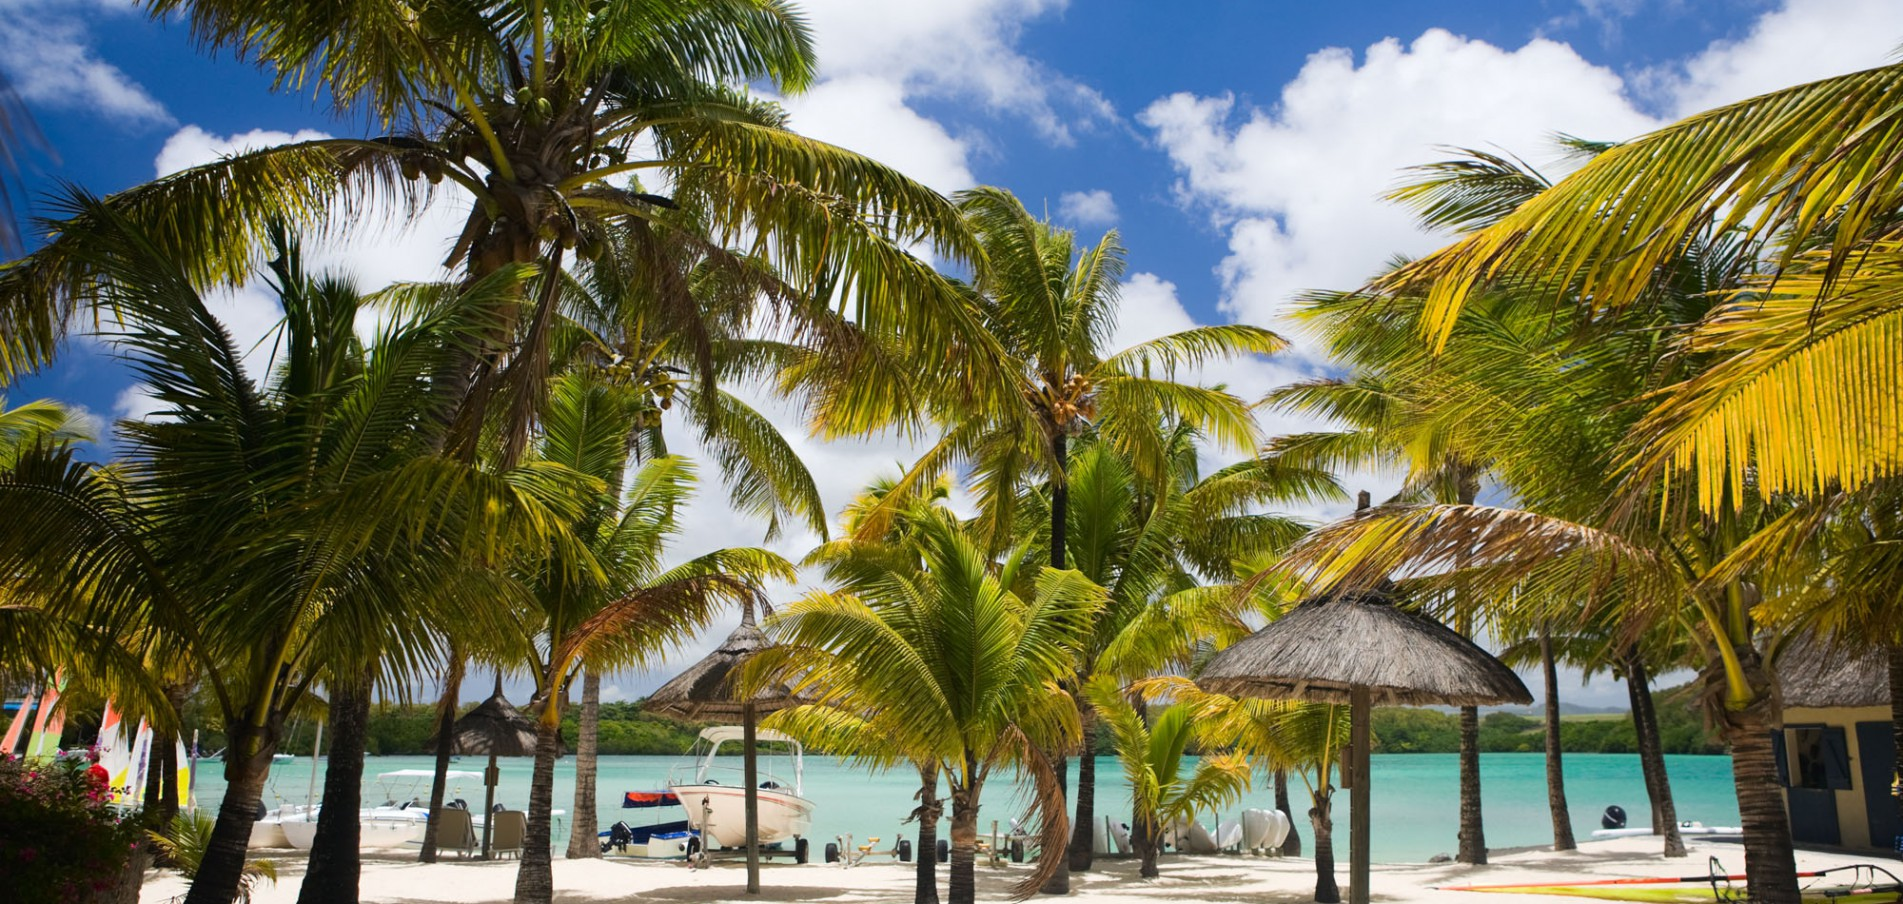 Willkommen auf Mauritius ... dem Diamant des indischen Ozeans!